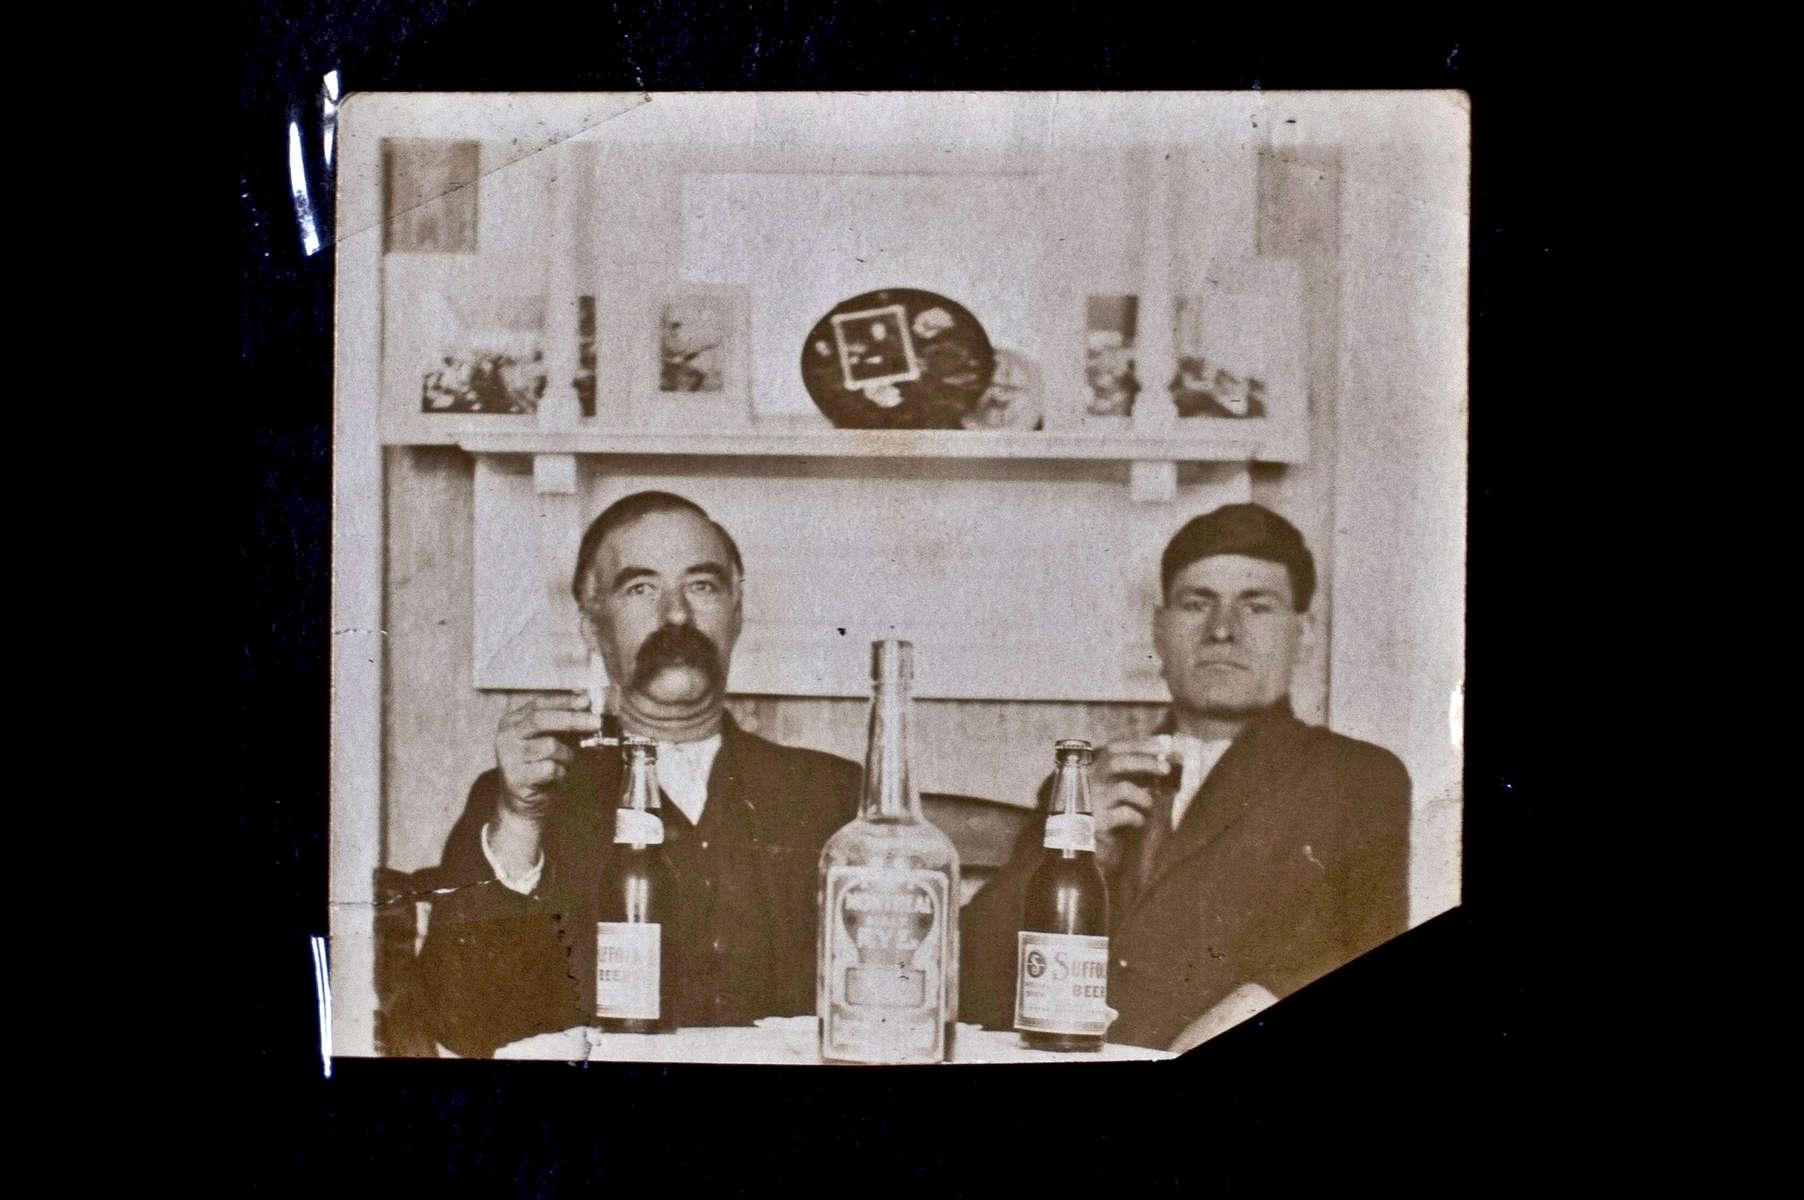 Family photographs - Whitman, USA